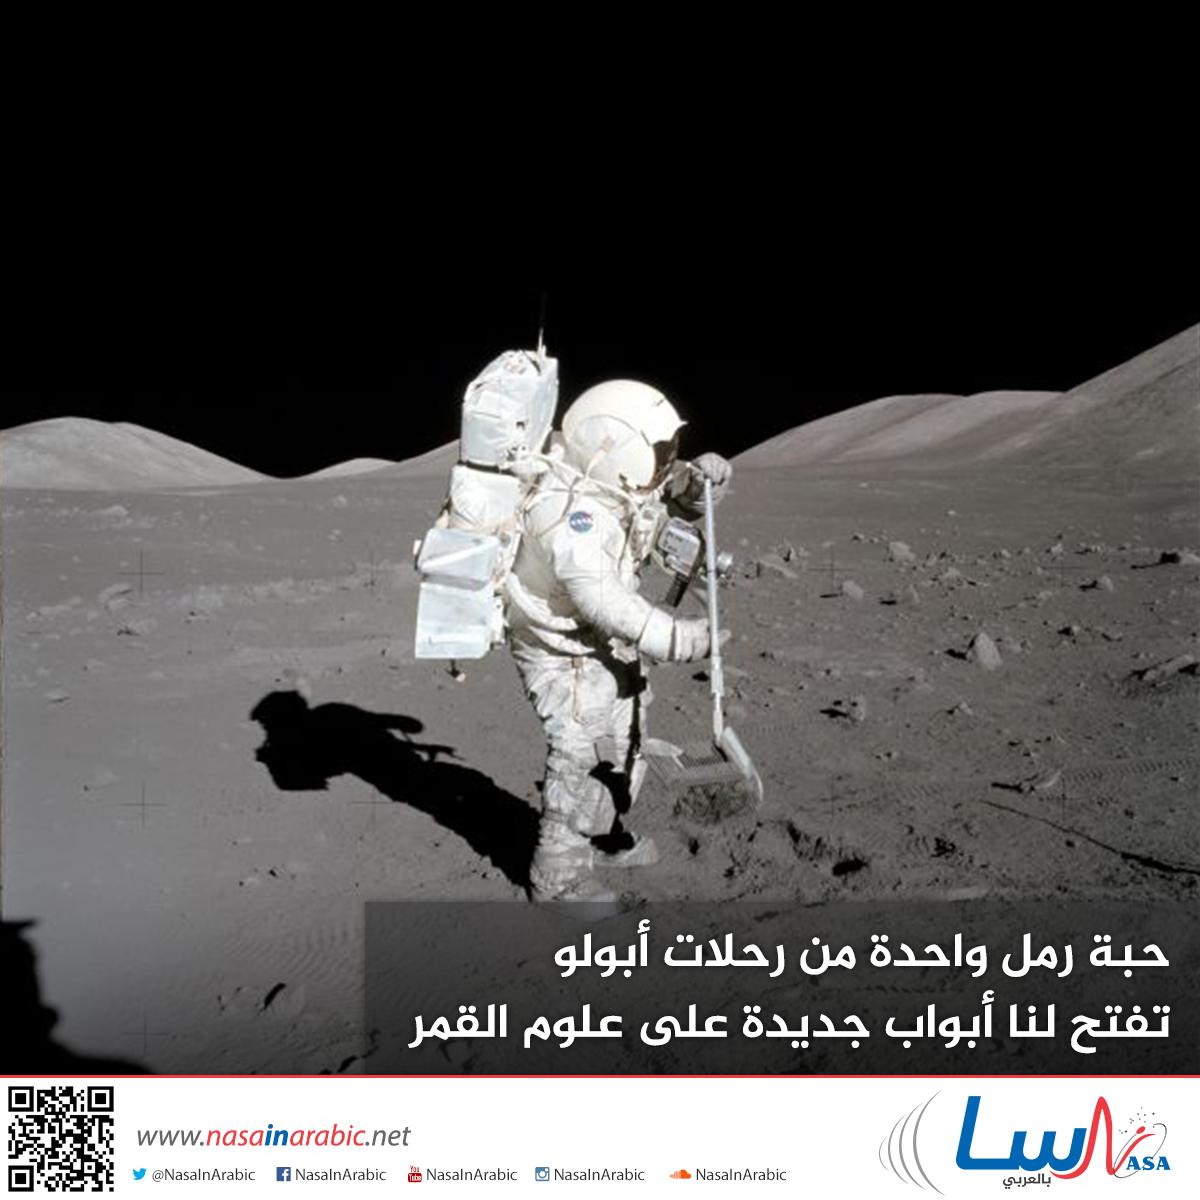 حبة رمل واحدة من رحلات أبولو تفتح لنا أبواب جديدة على علوم القمر